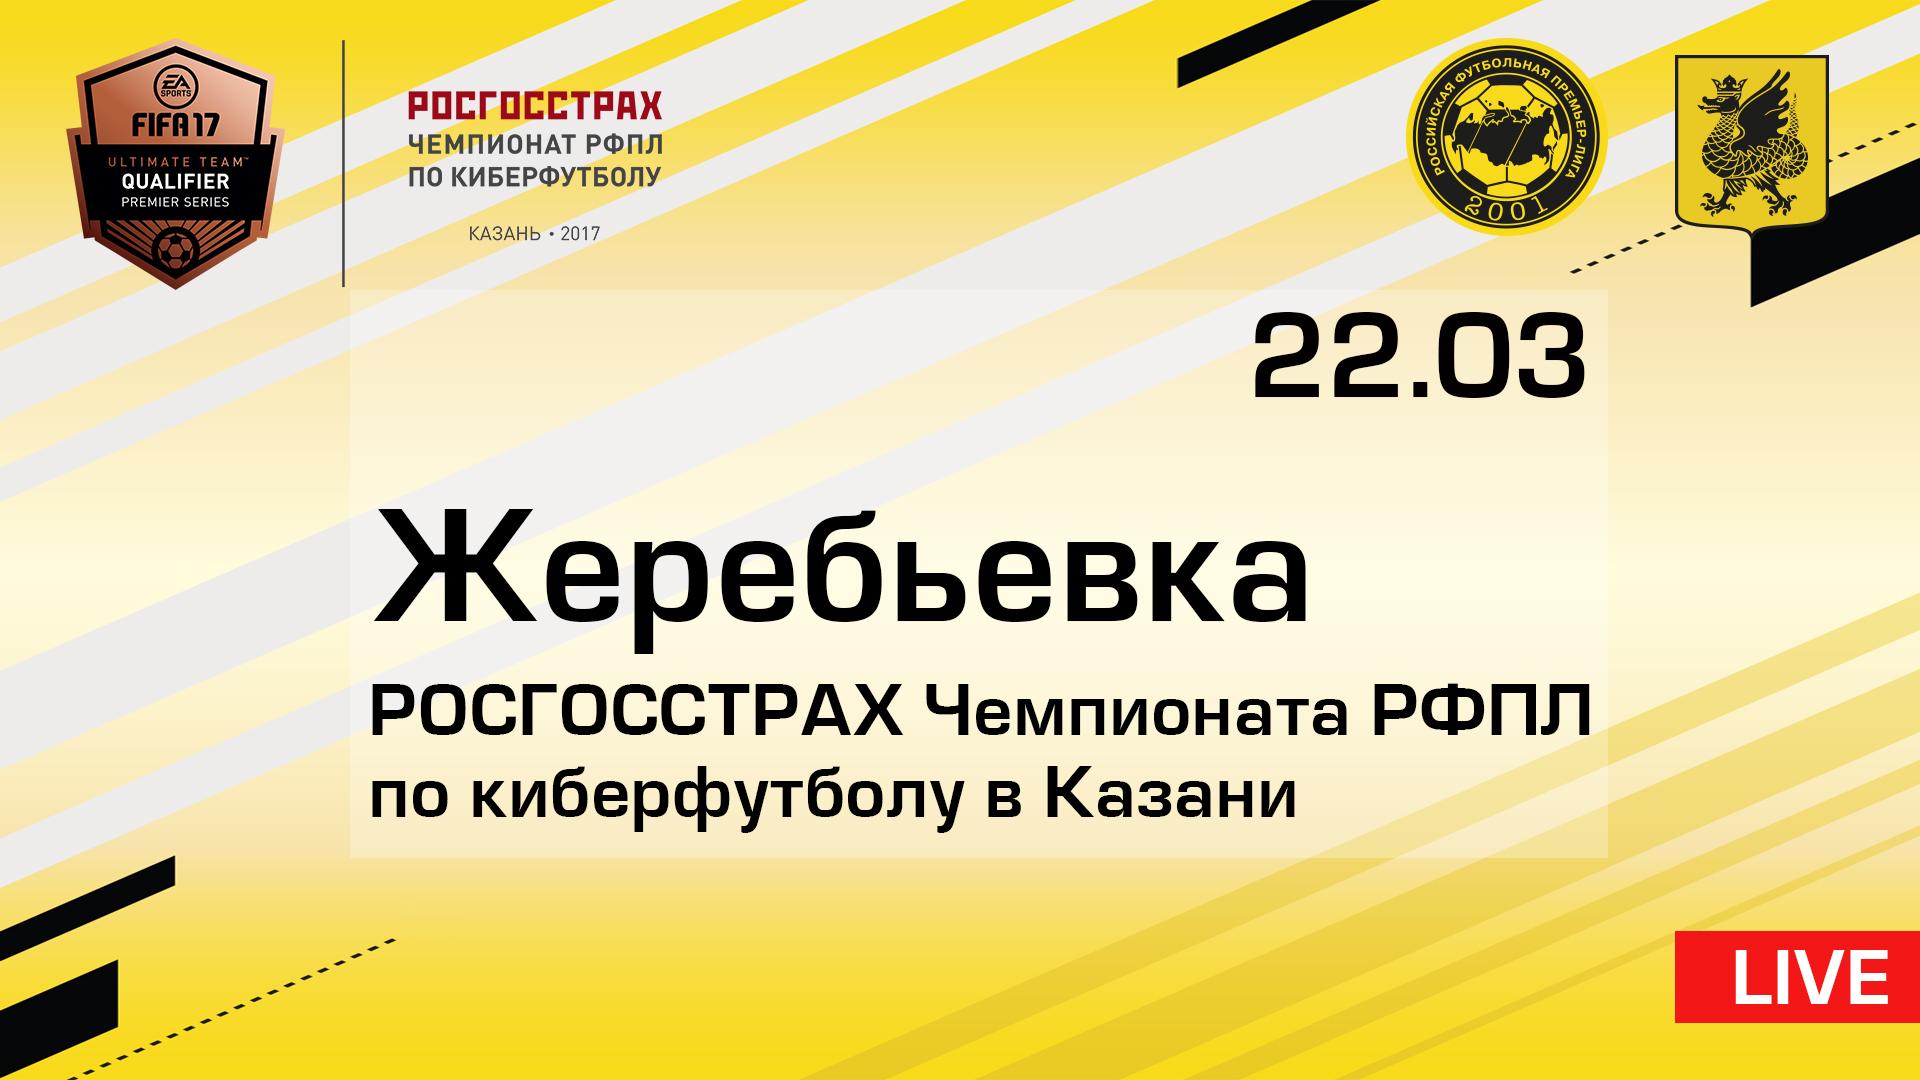 Жеребьевка «РОСГОССТРАХ Чемпионата РФПЛ покиберфутболу» состоится 22марта